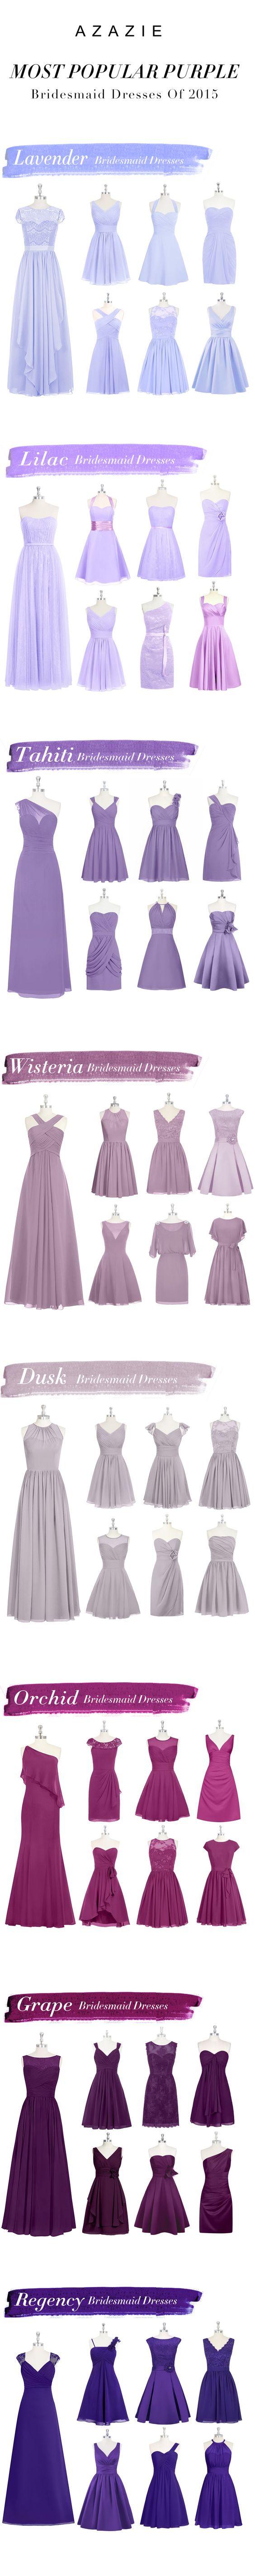 Most Popular Purple Bridesmaid Dresses By Azazie. Shop our picks!